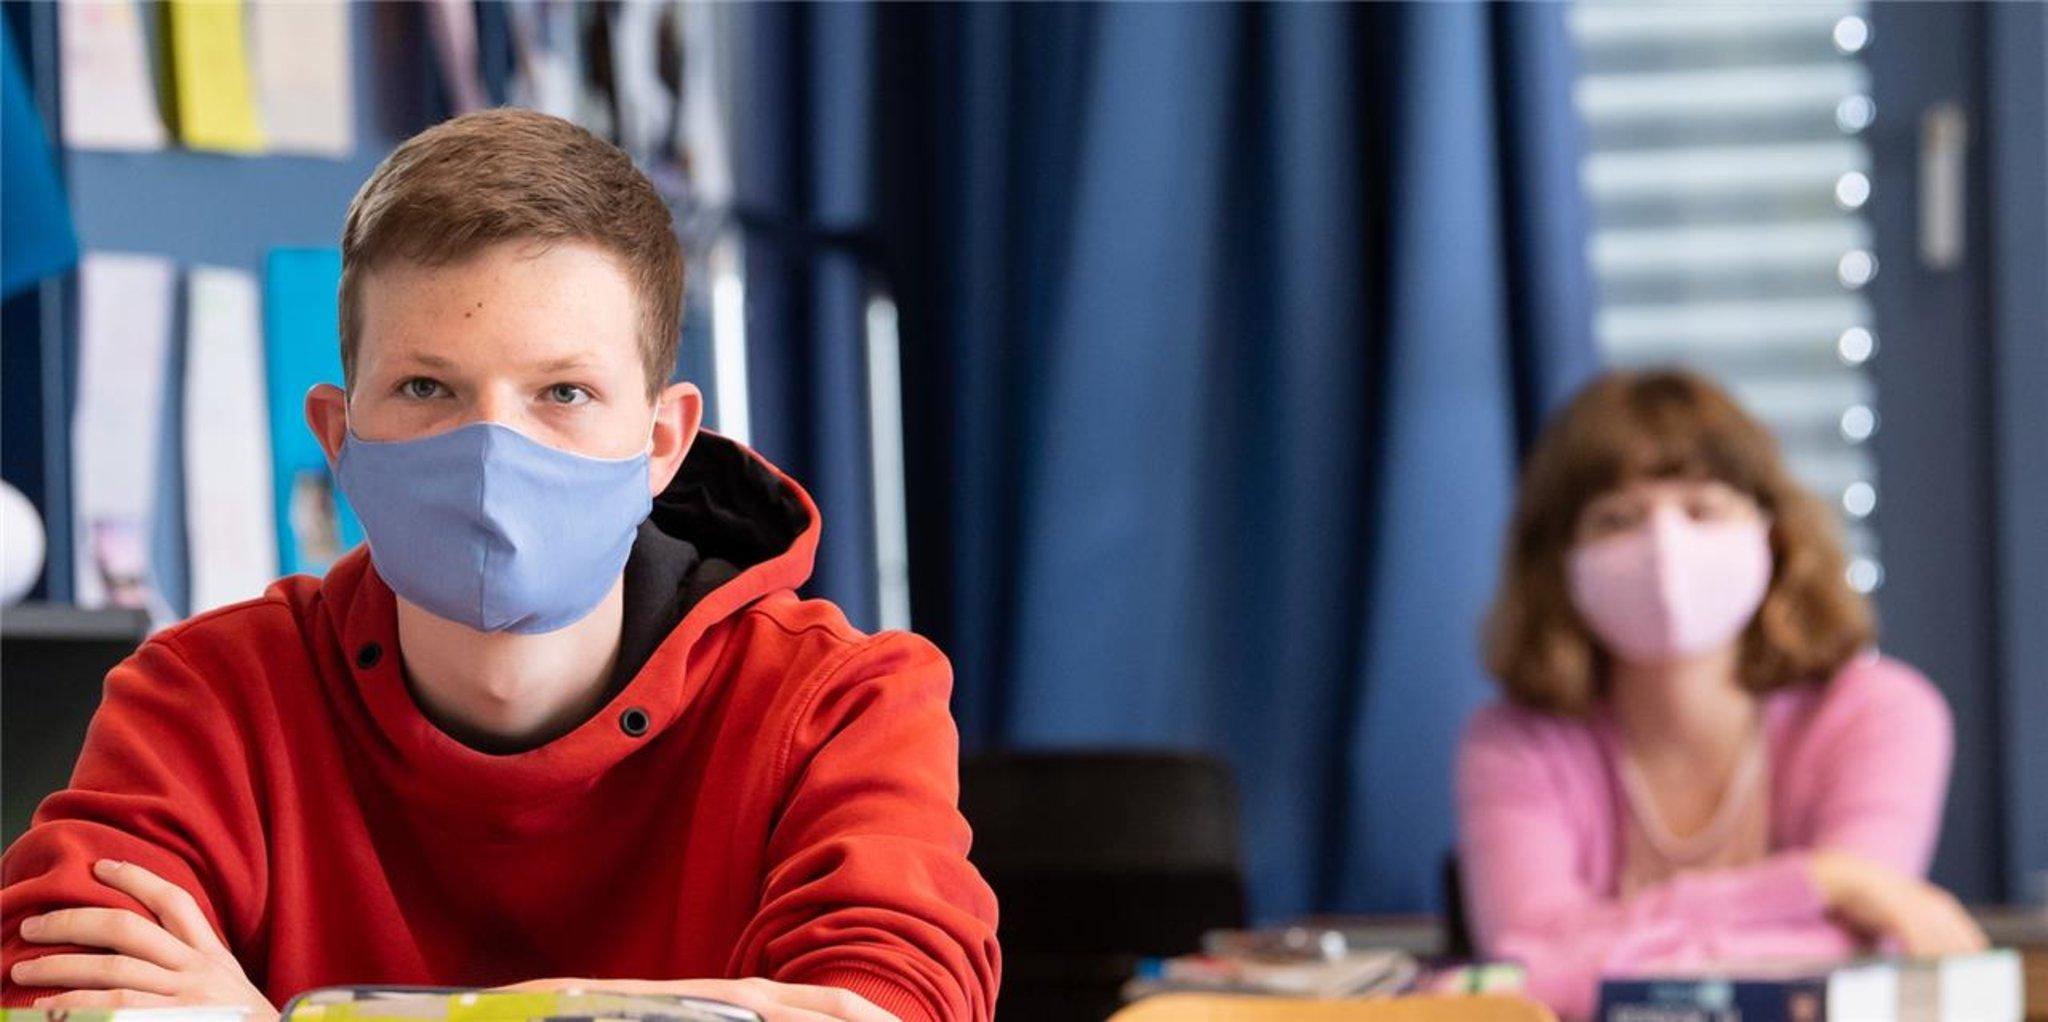 Maskenpflicht An Schulen Nrw